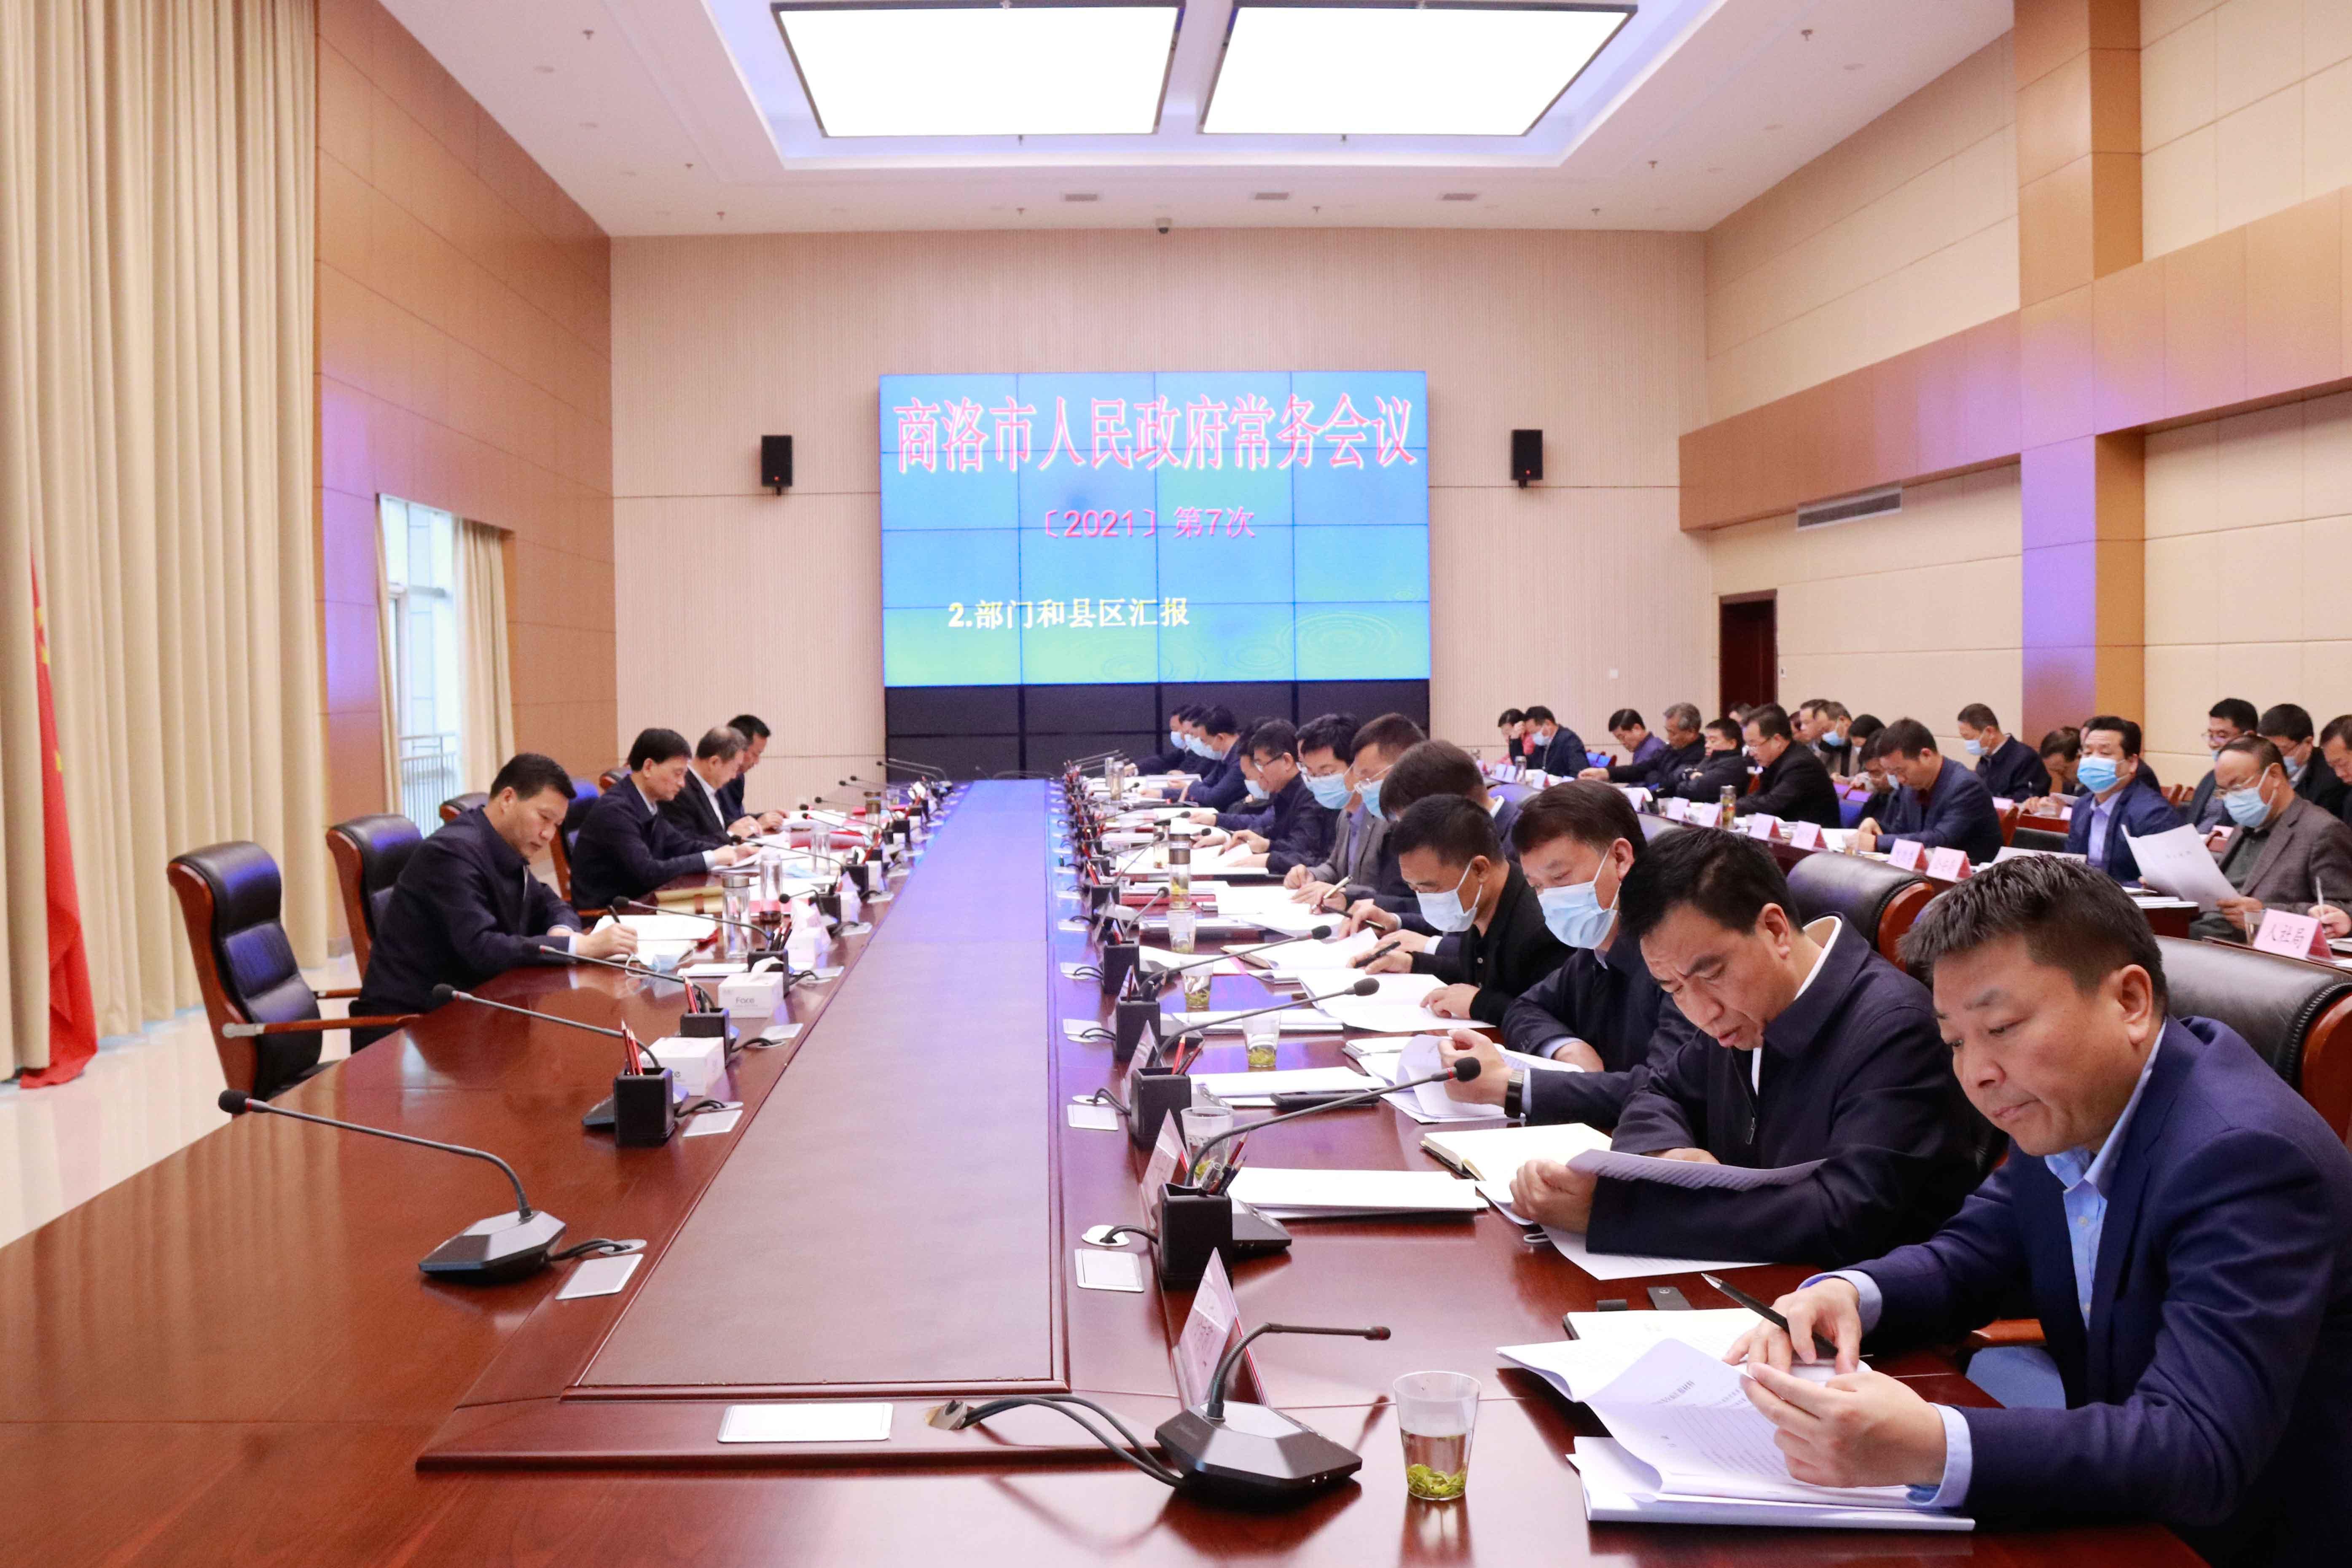 郑光照主持召开市政府第七次常务会议